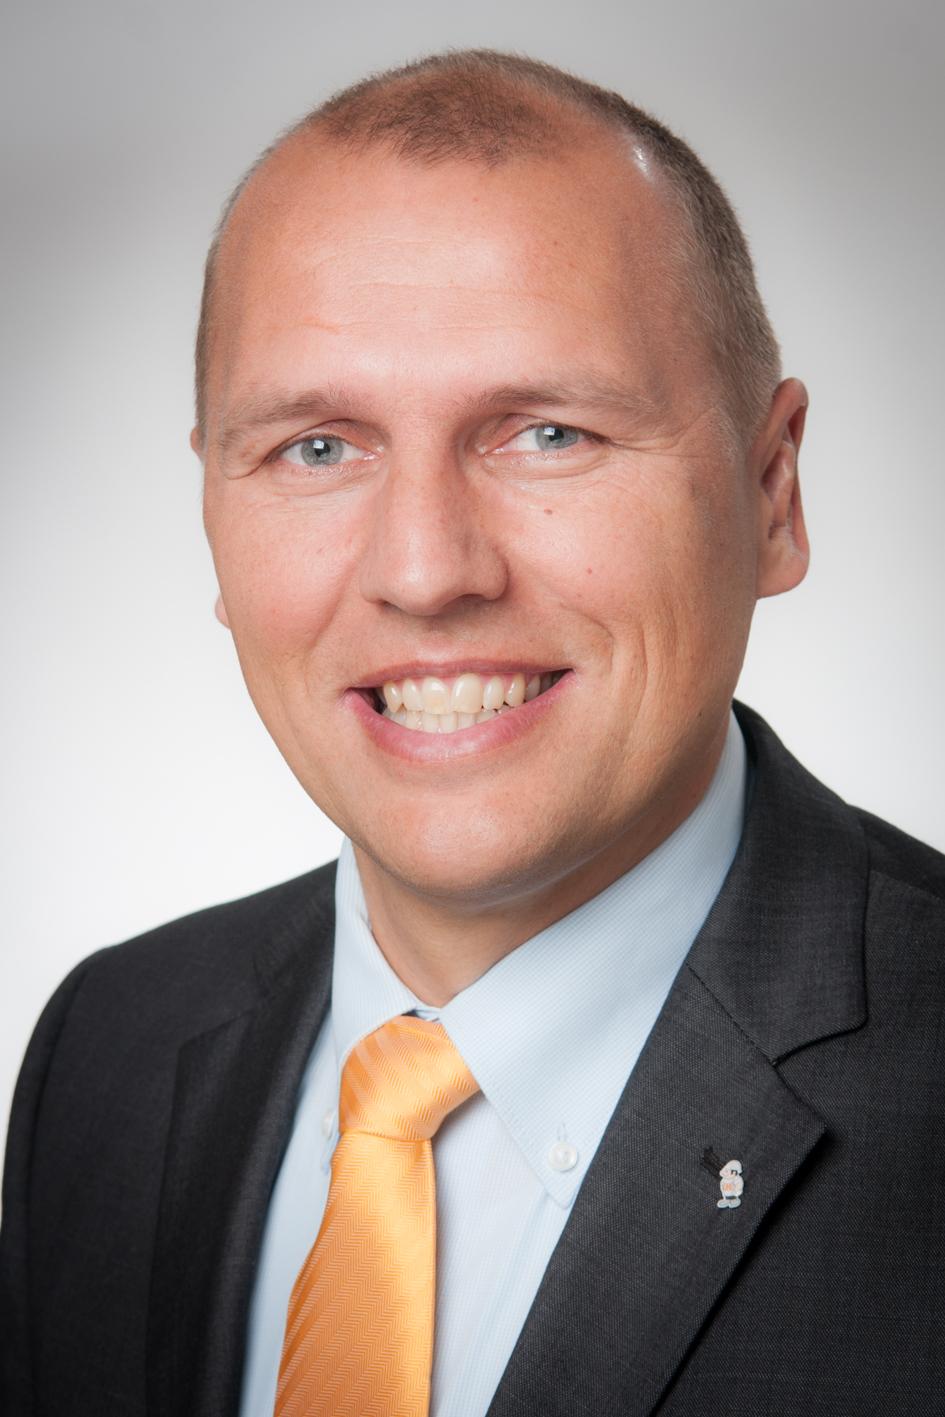 Neuer Regionalleiter Süd-West bei Obo Bettermann